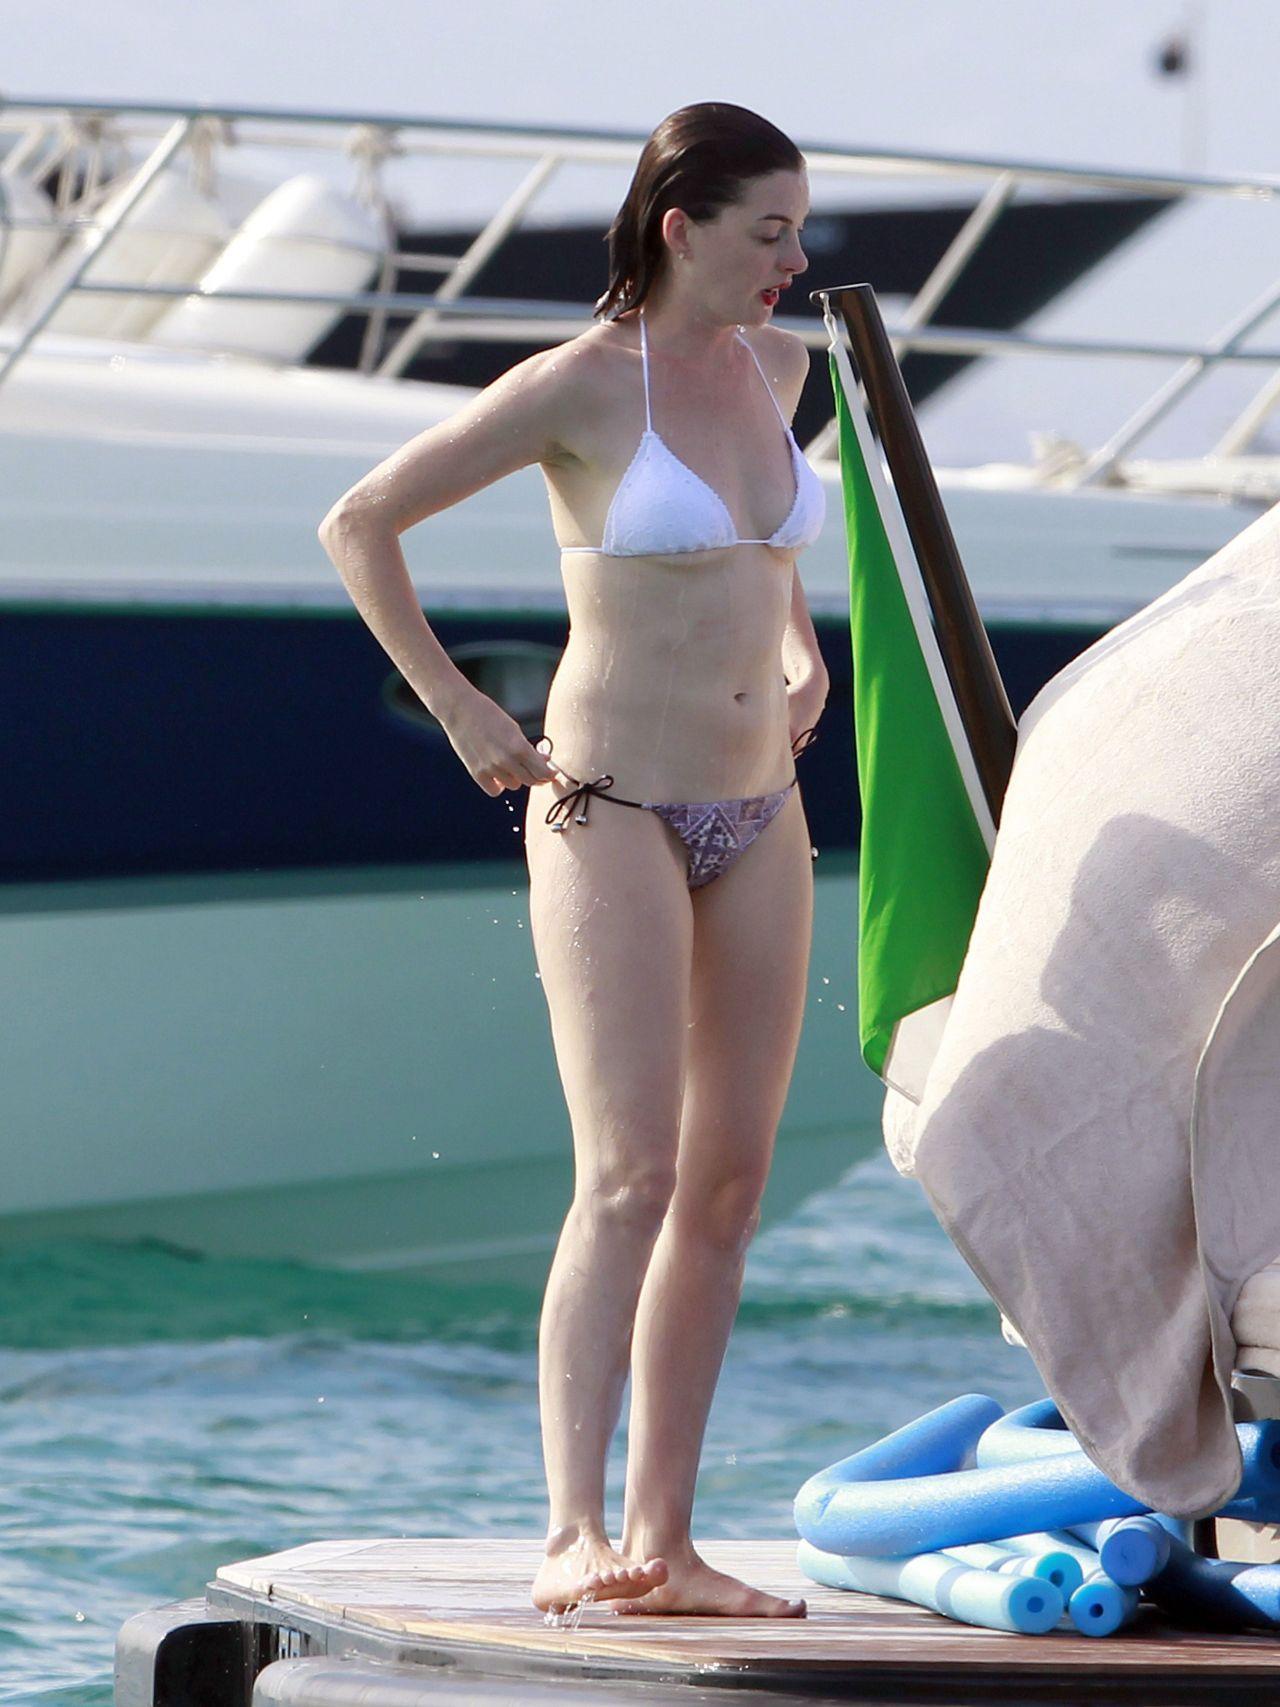 anne-hathaway-in-a-bikini-on-a-yacht-in-spain-august-2015_1